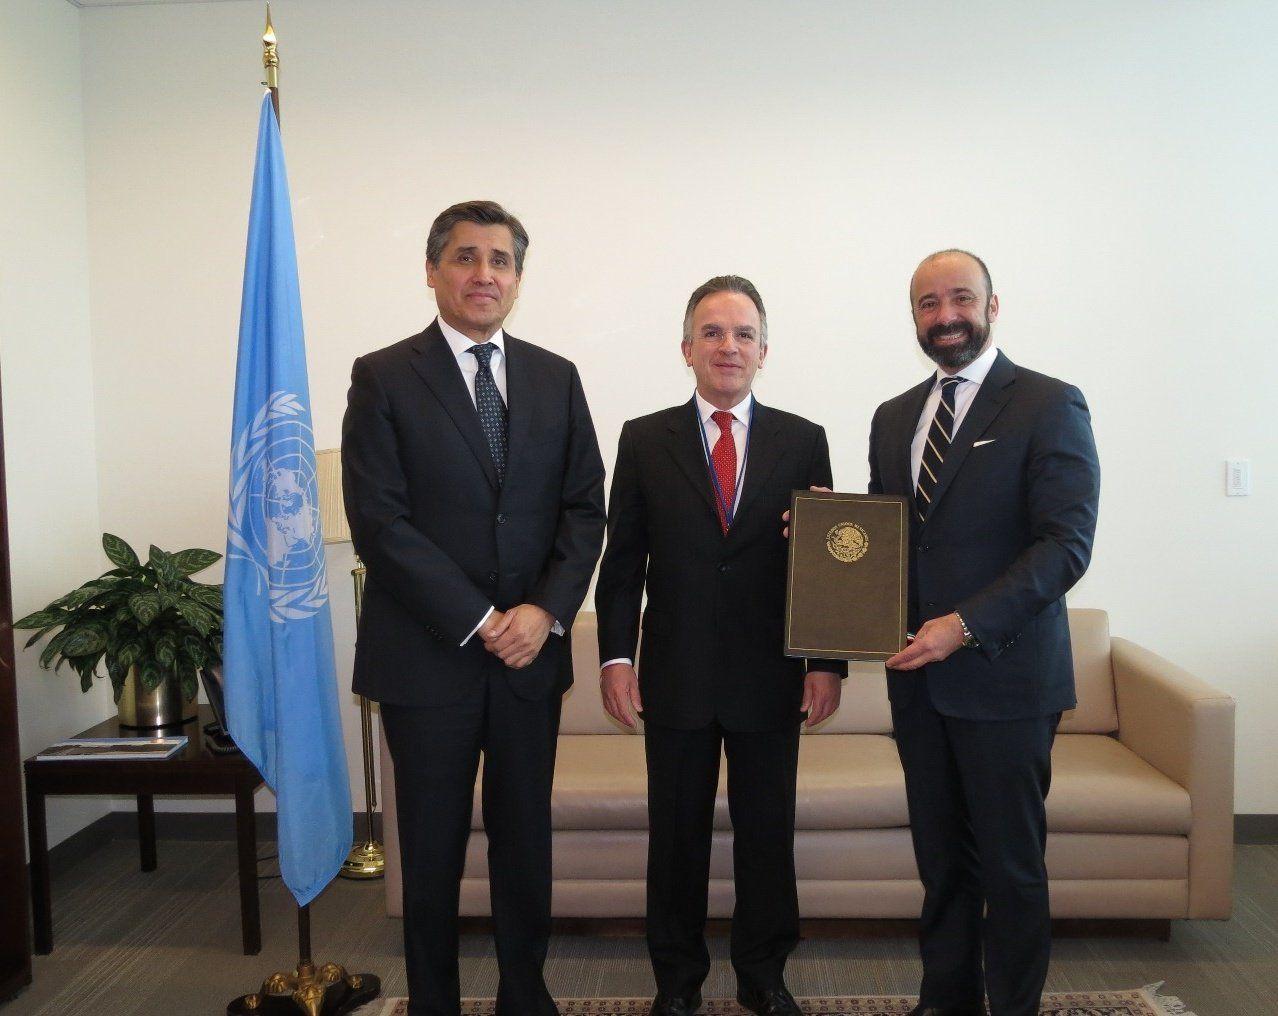 México ratificó hoy en la ONU el Tratado sobre la Prohibición de las Armas Nucleares